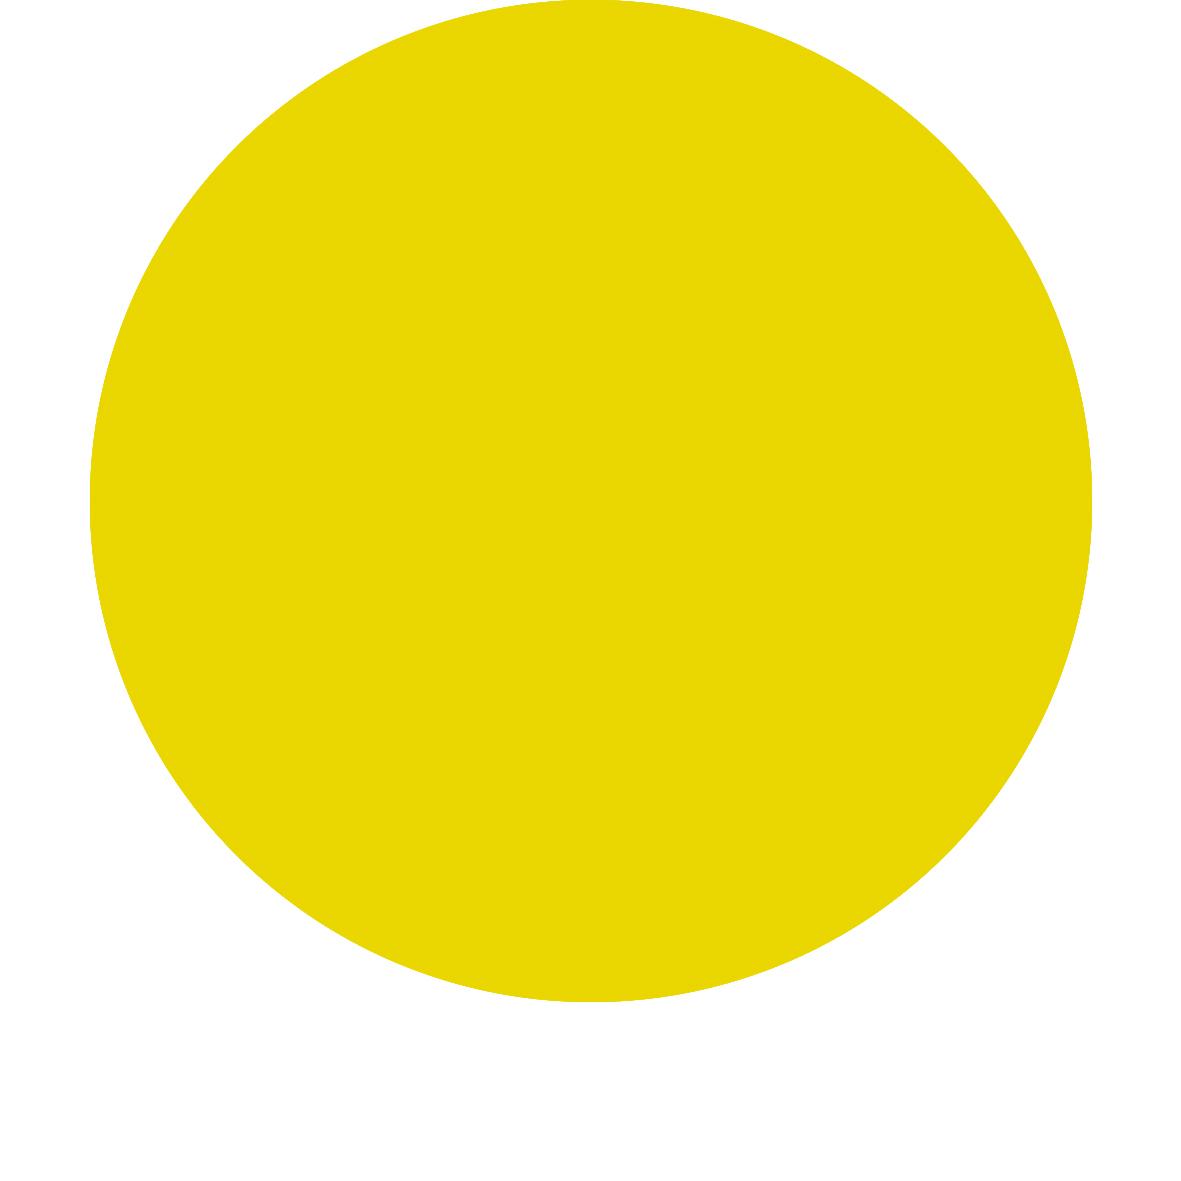 C.I. Yellow 17(Yellow 3G) -